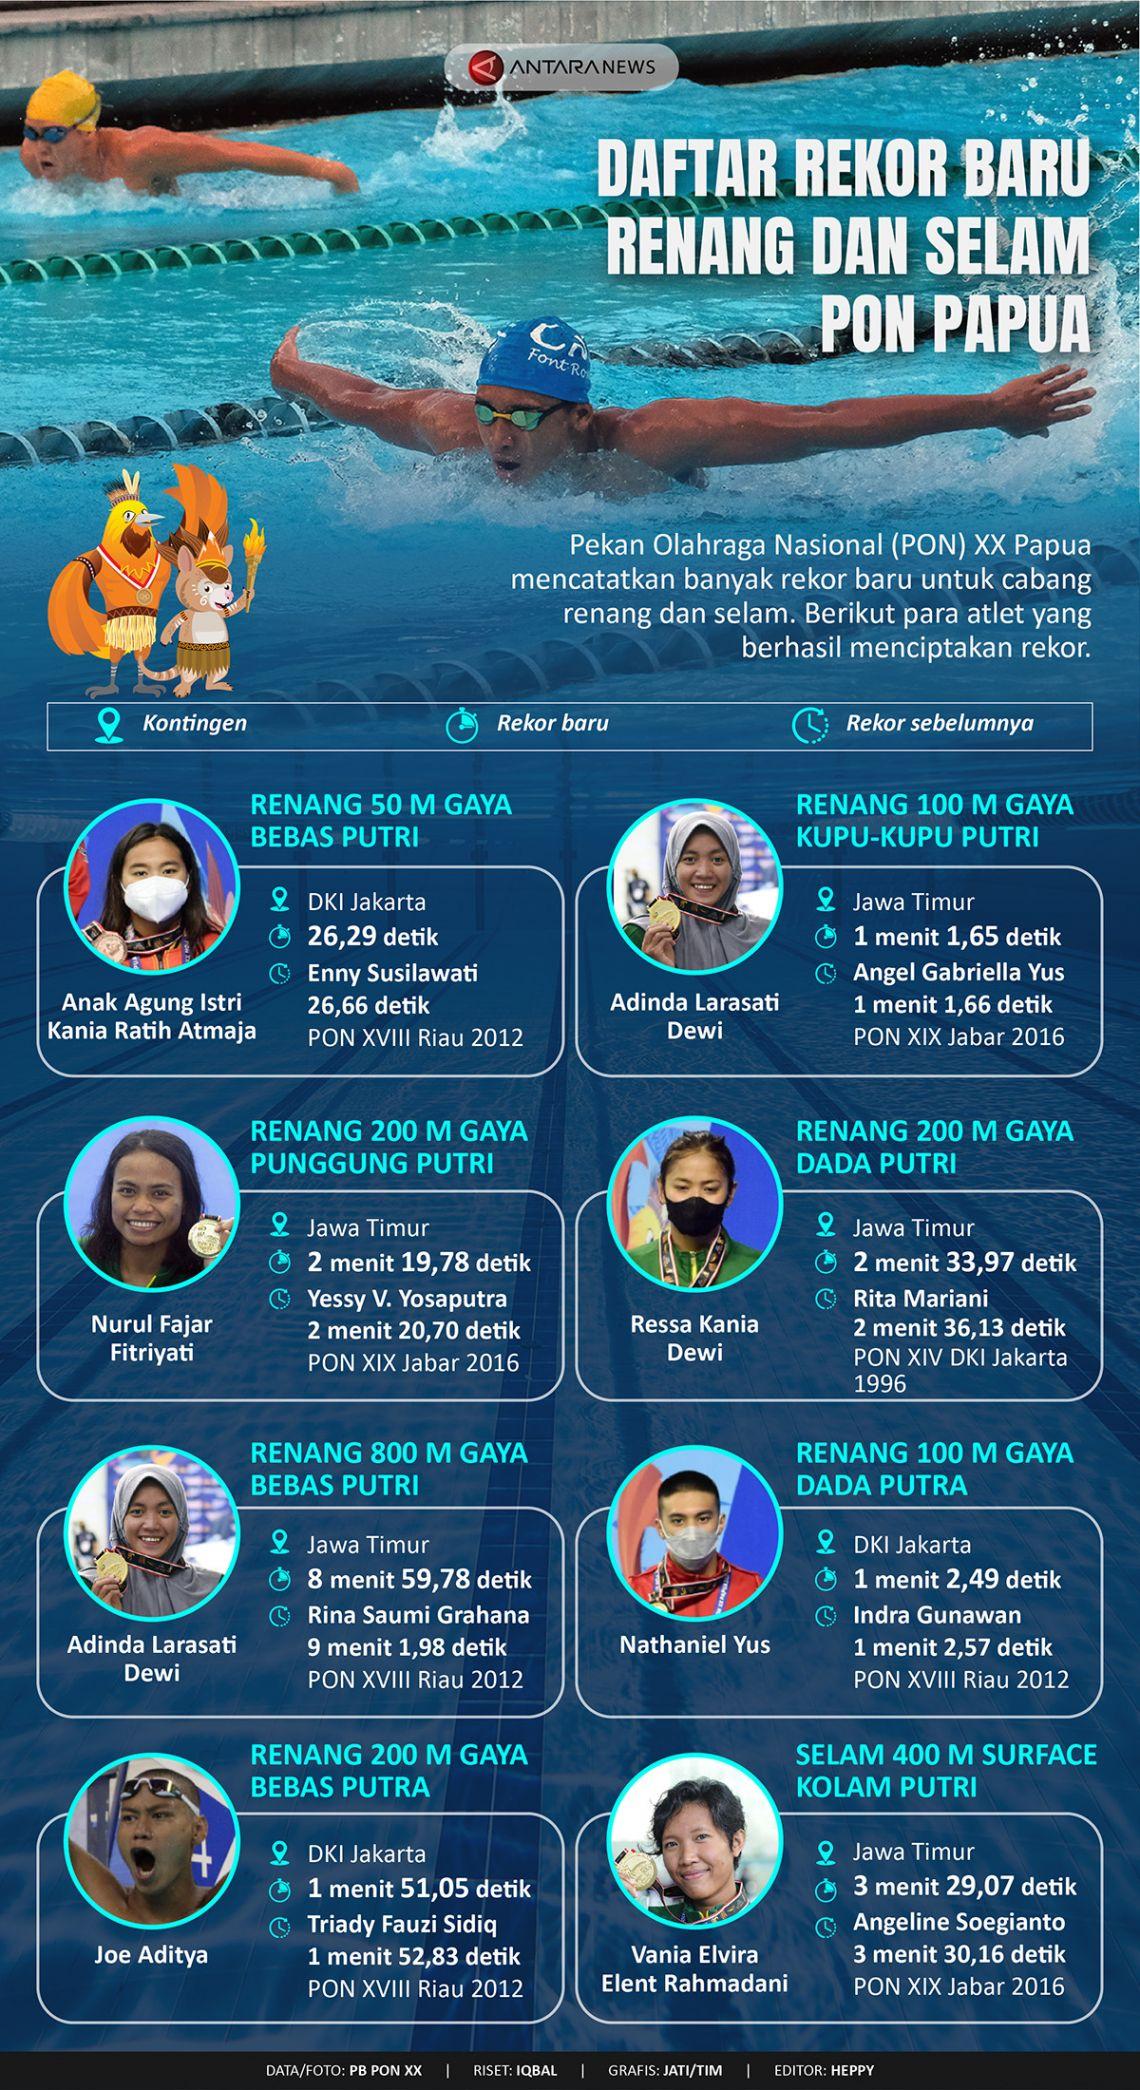 Daftar rekor baru renang dan selam PON Papua